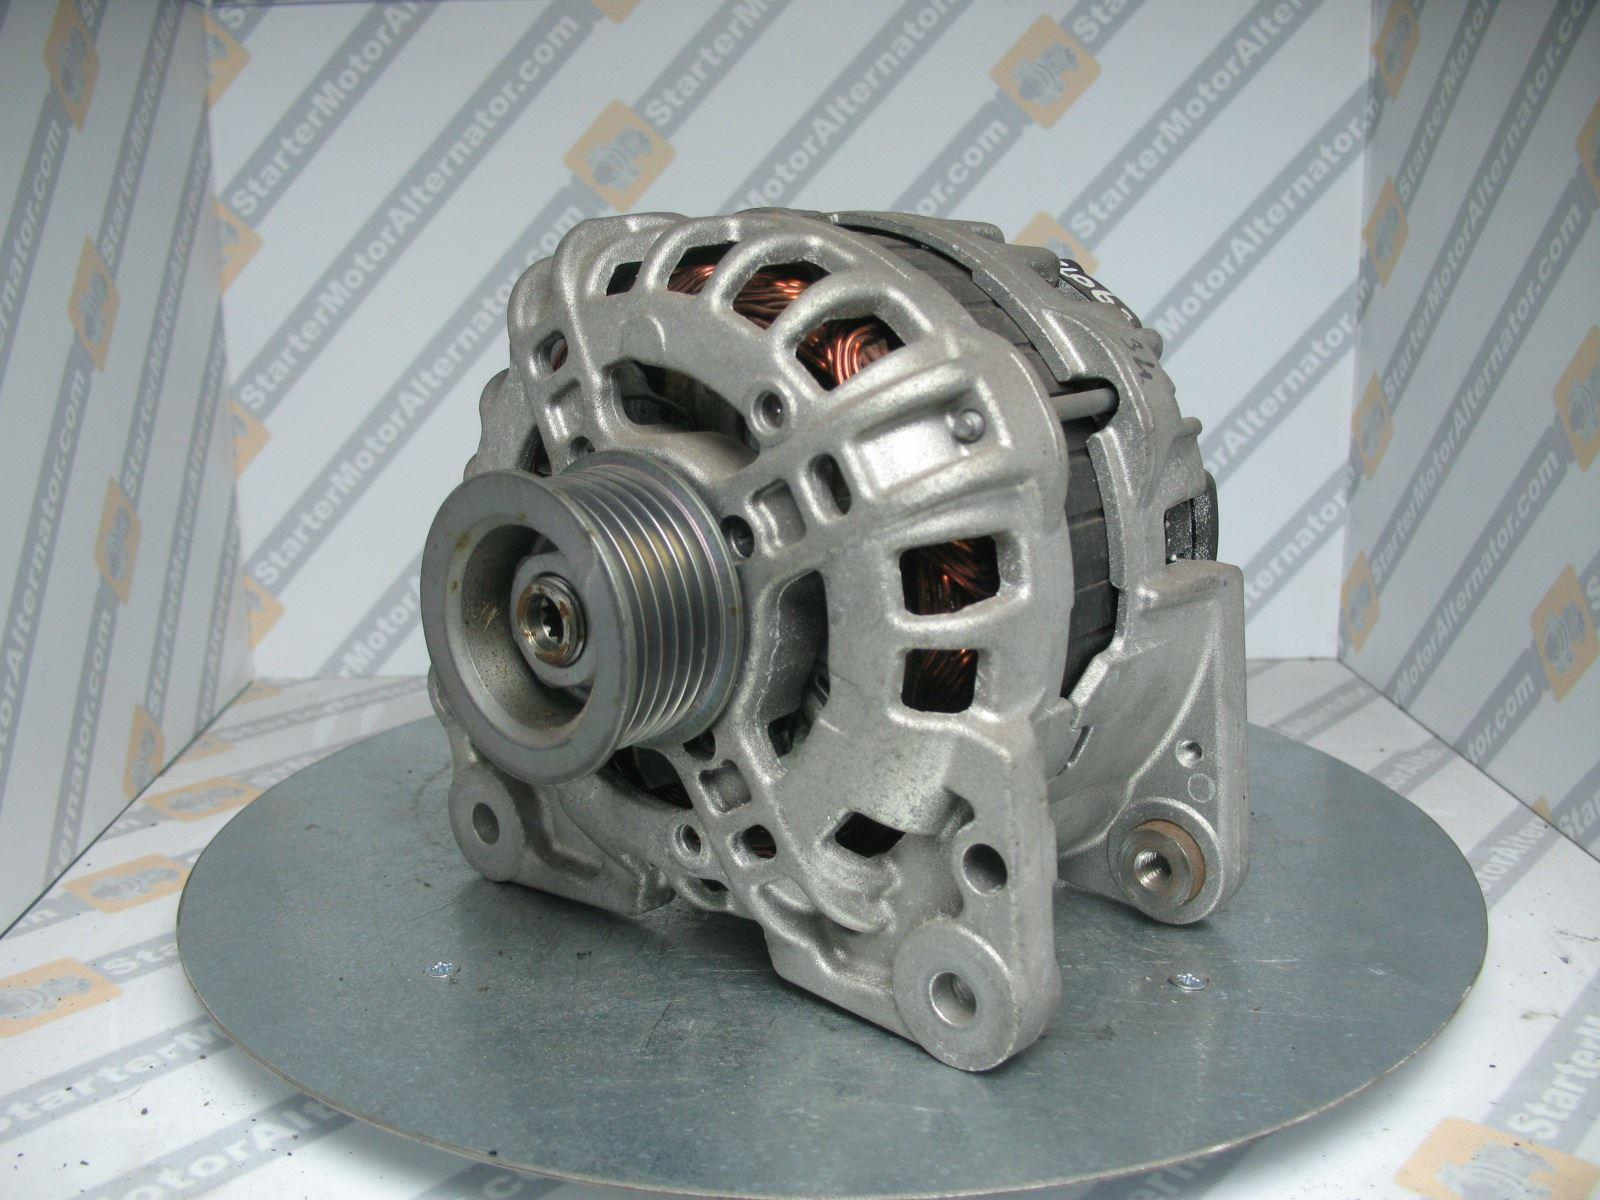 XIK3684 Alternator For Seat / Skoda / Volkswagen